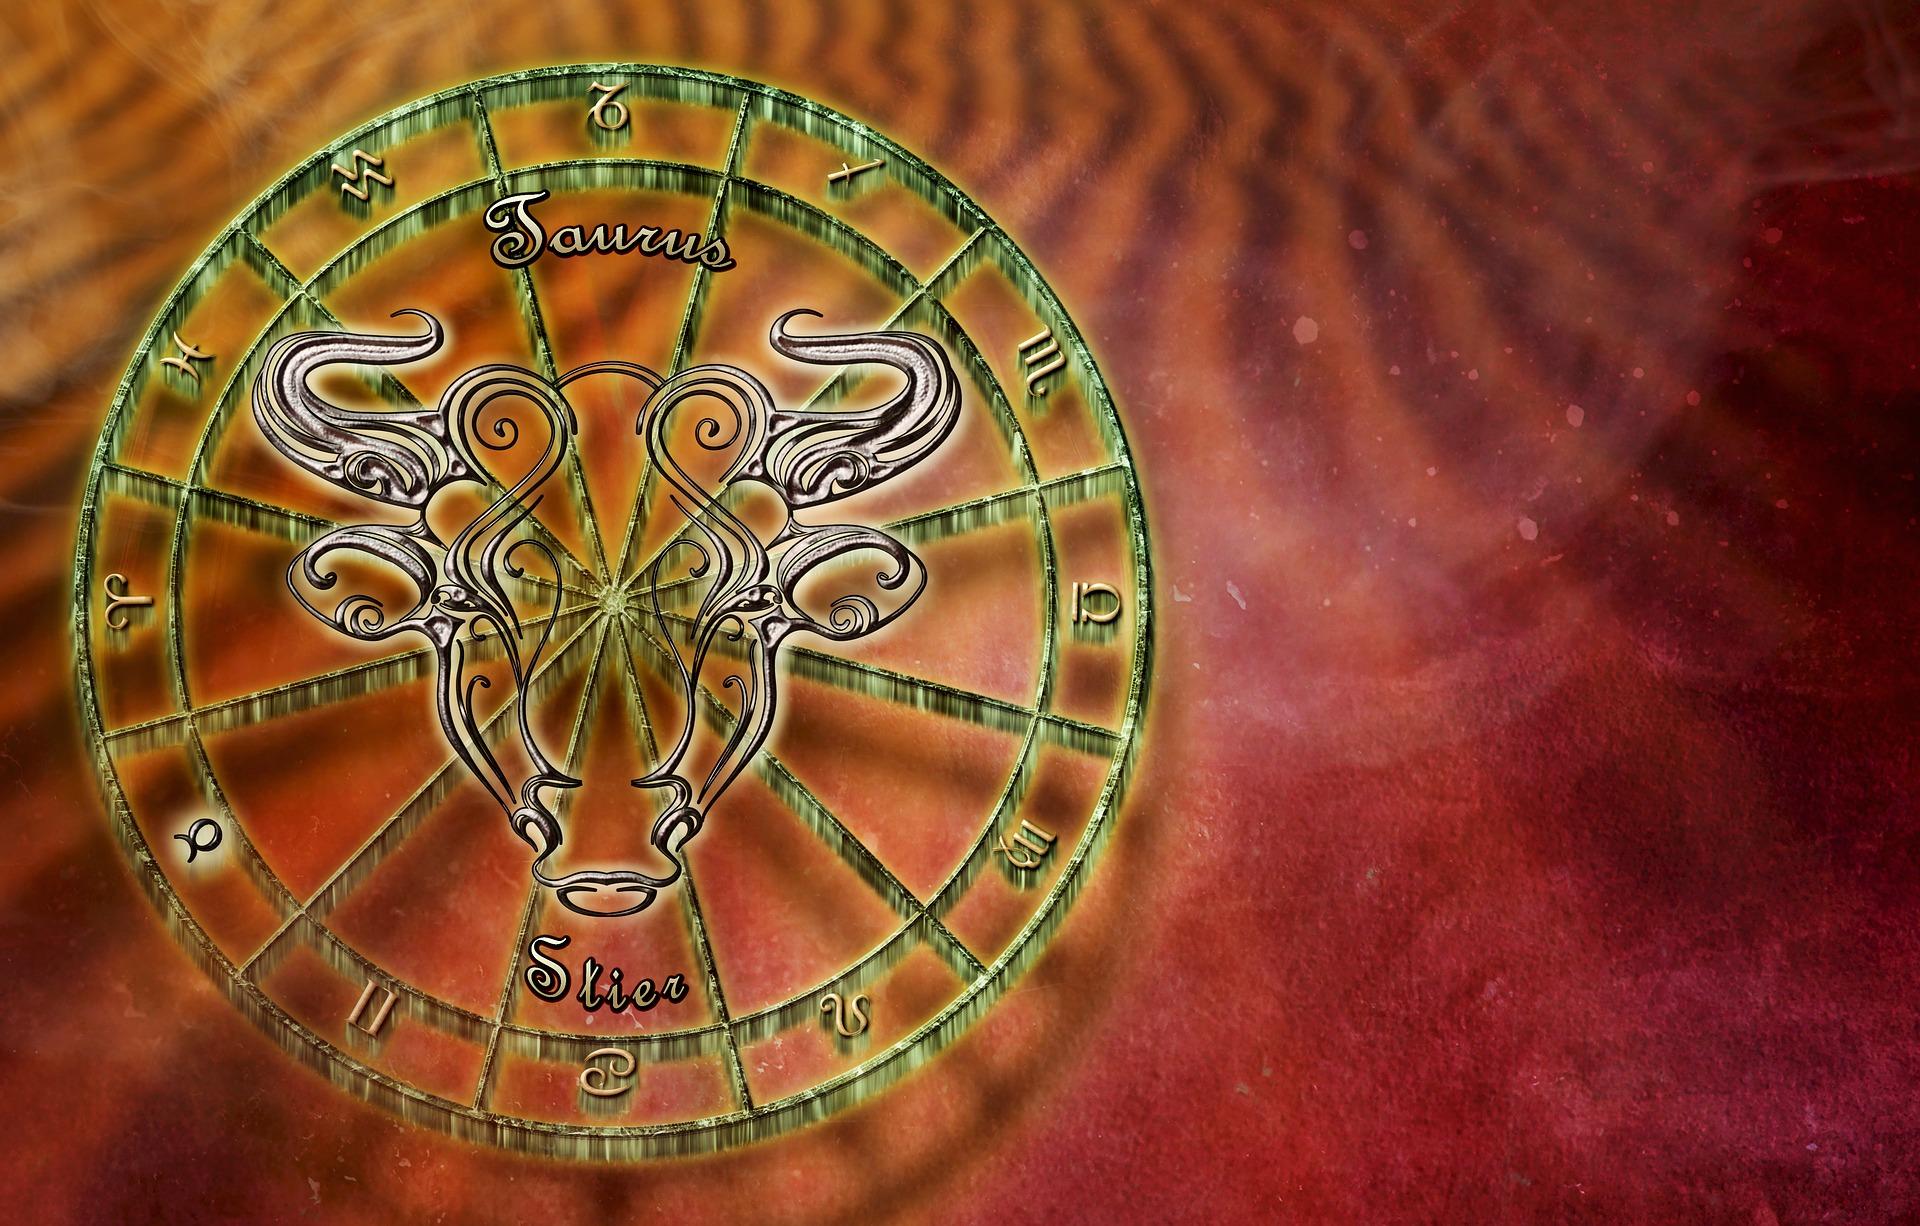 牡牛座の人の特徴★牡牛座の神話と星座の話